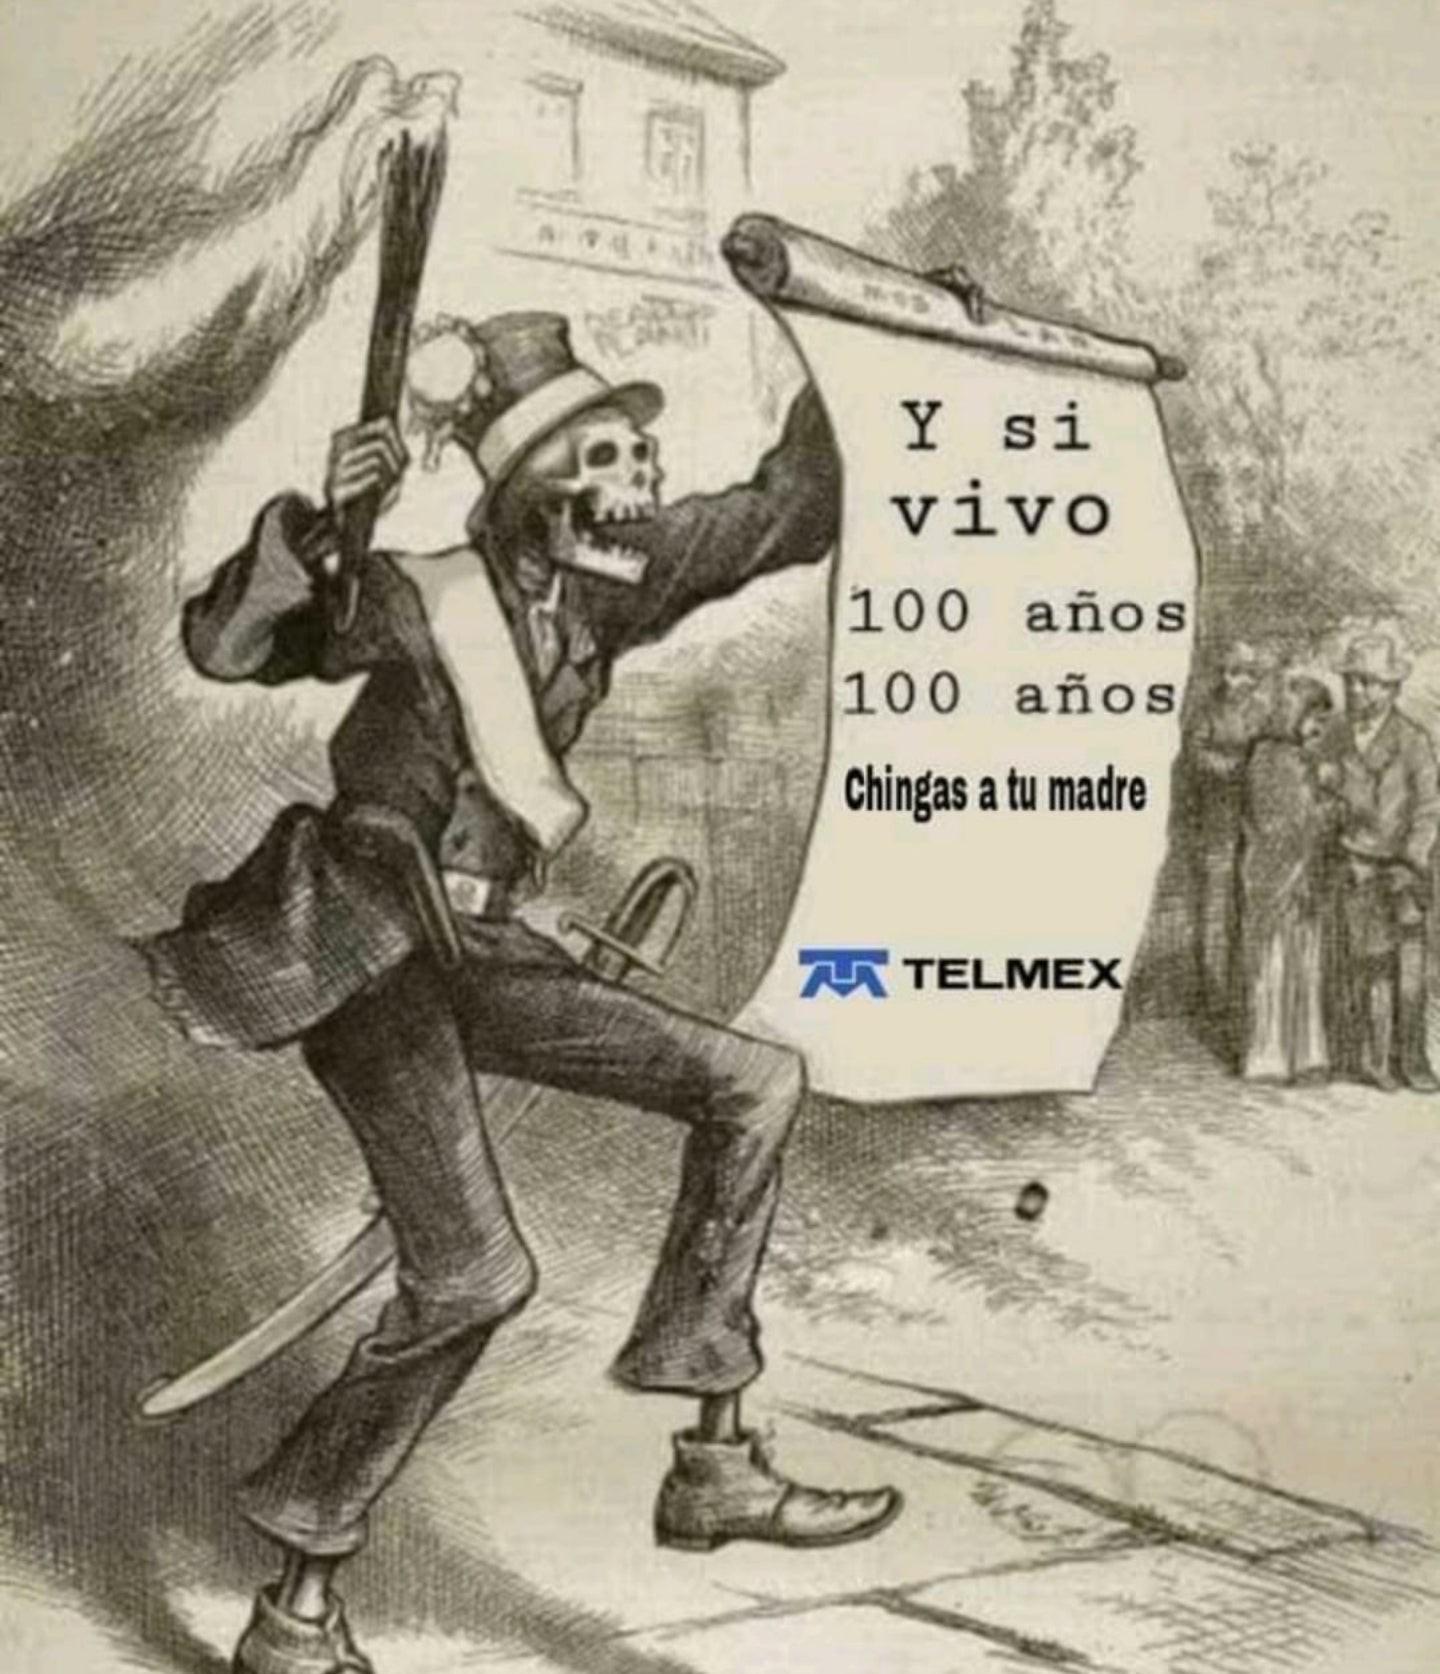 Alto lag Telmex gracias - meme